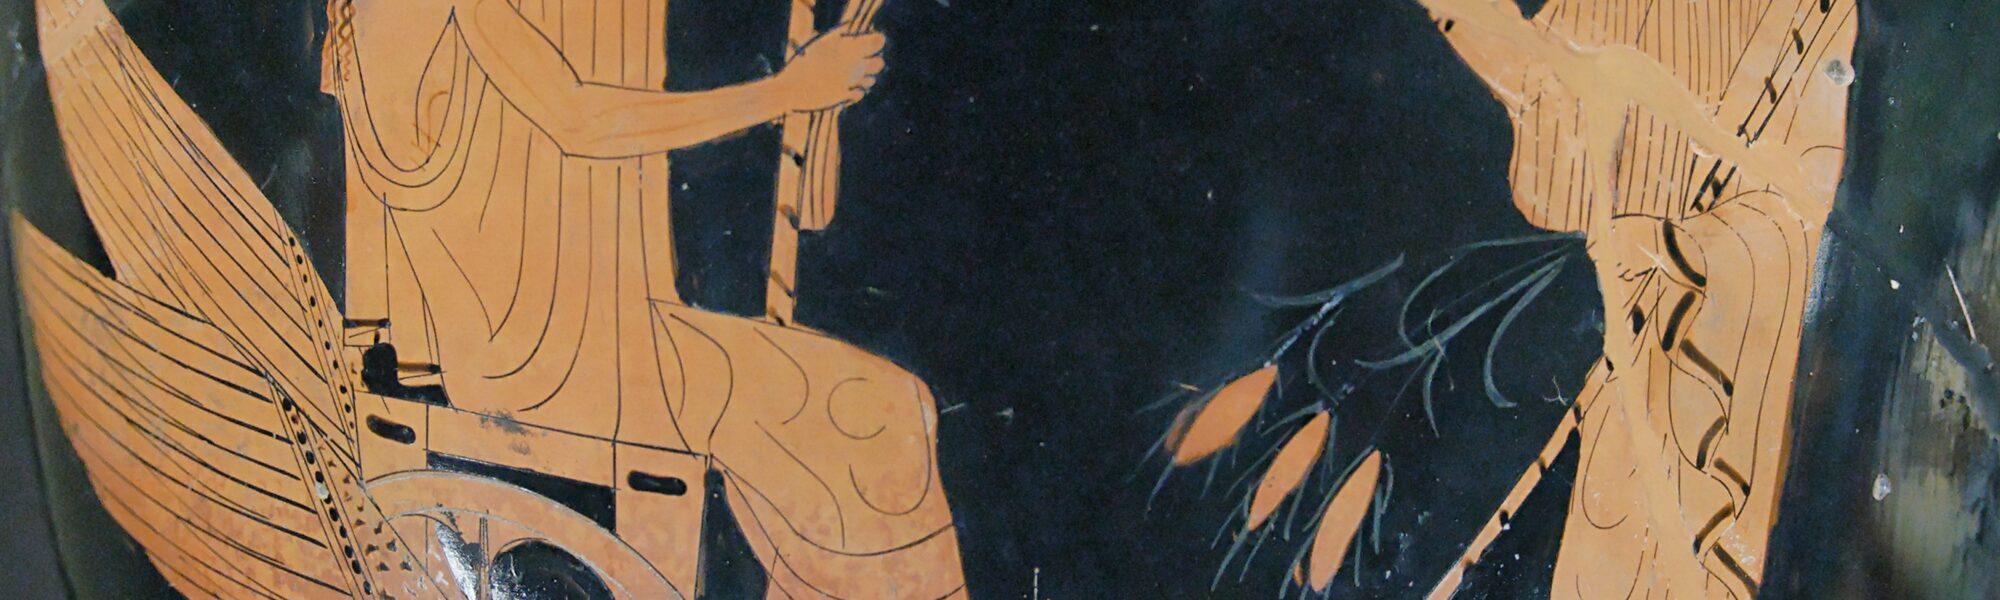 Charnabon, Misteriosul rege al geţilor şi legenda lui Triptolemos